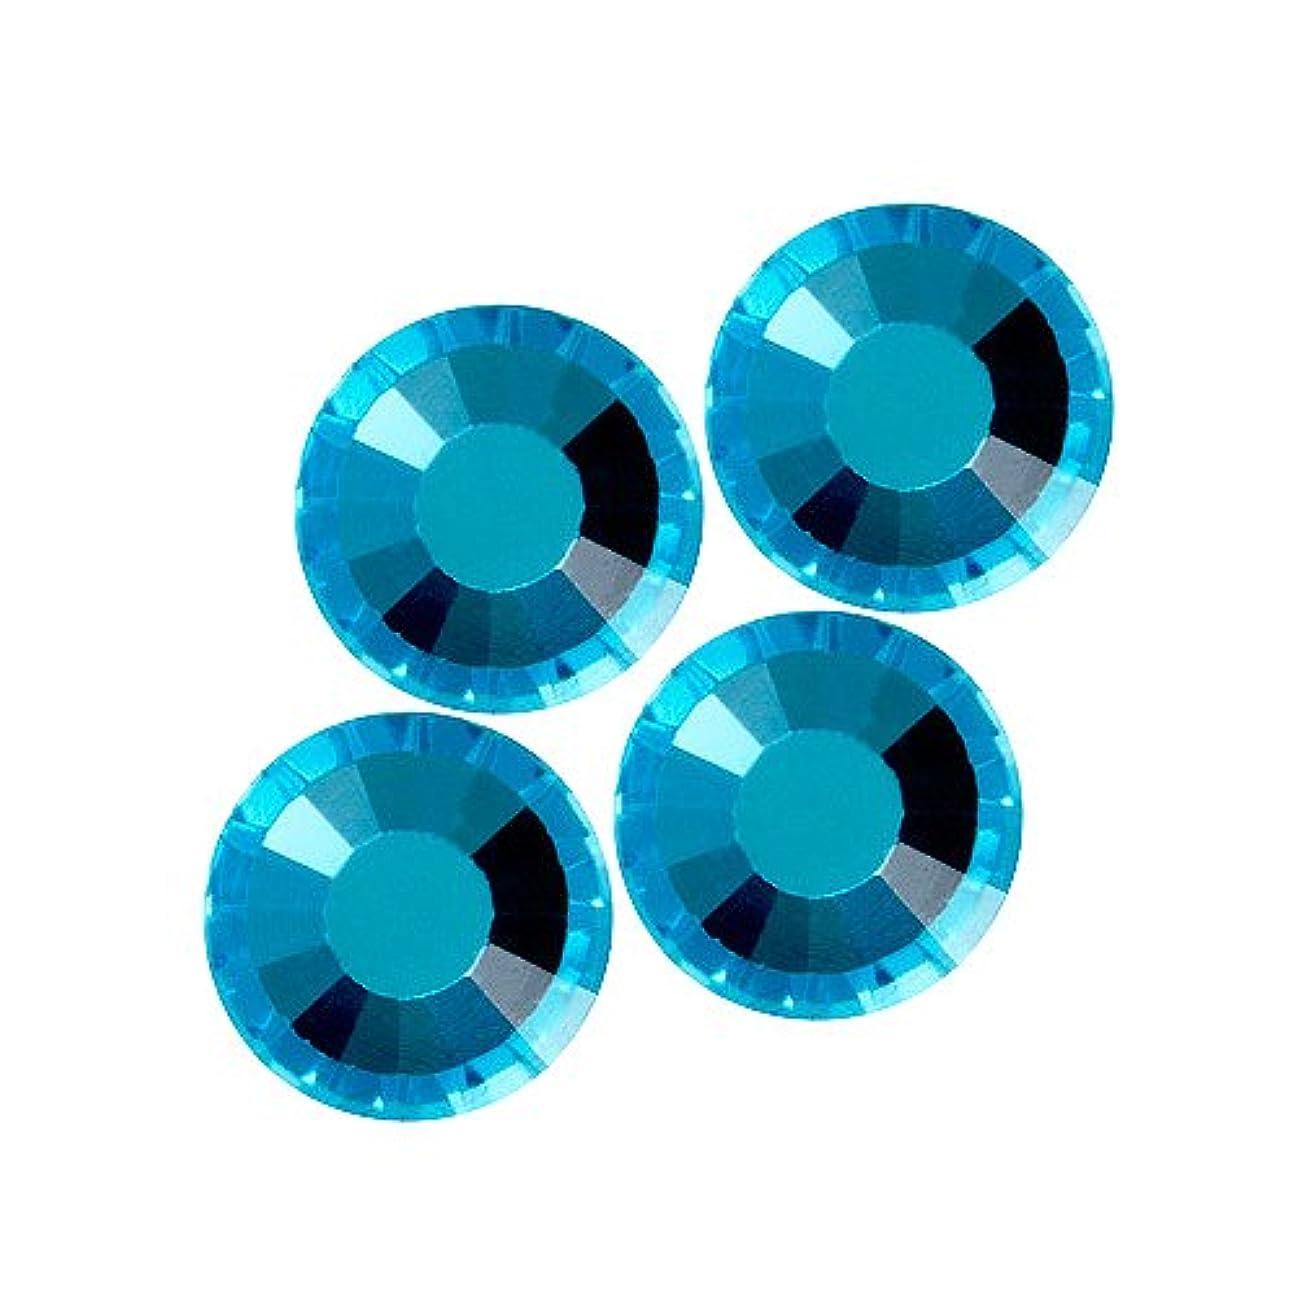 参照男性促進するバイナル DIAMOND RHINESTONE アクアマリン SS8 720粒 ST-SS8-AQM-5G